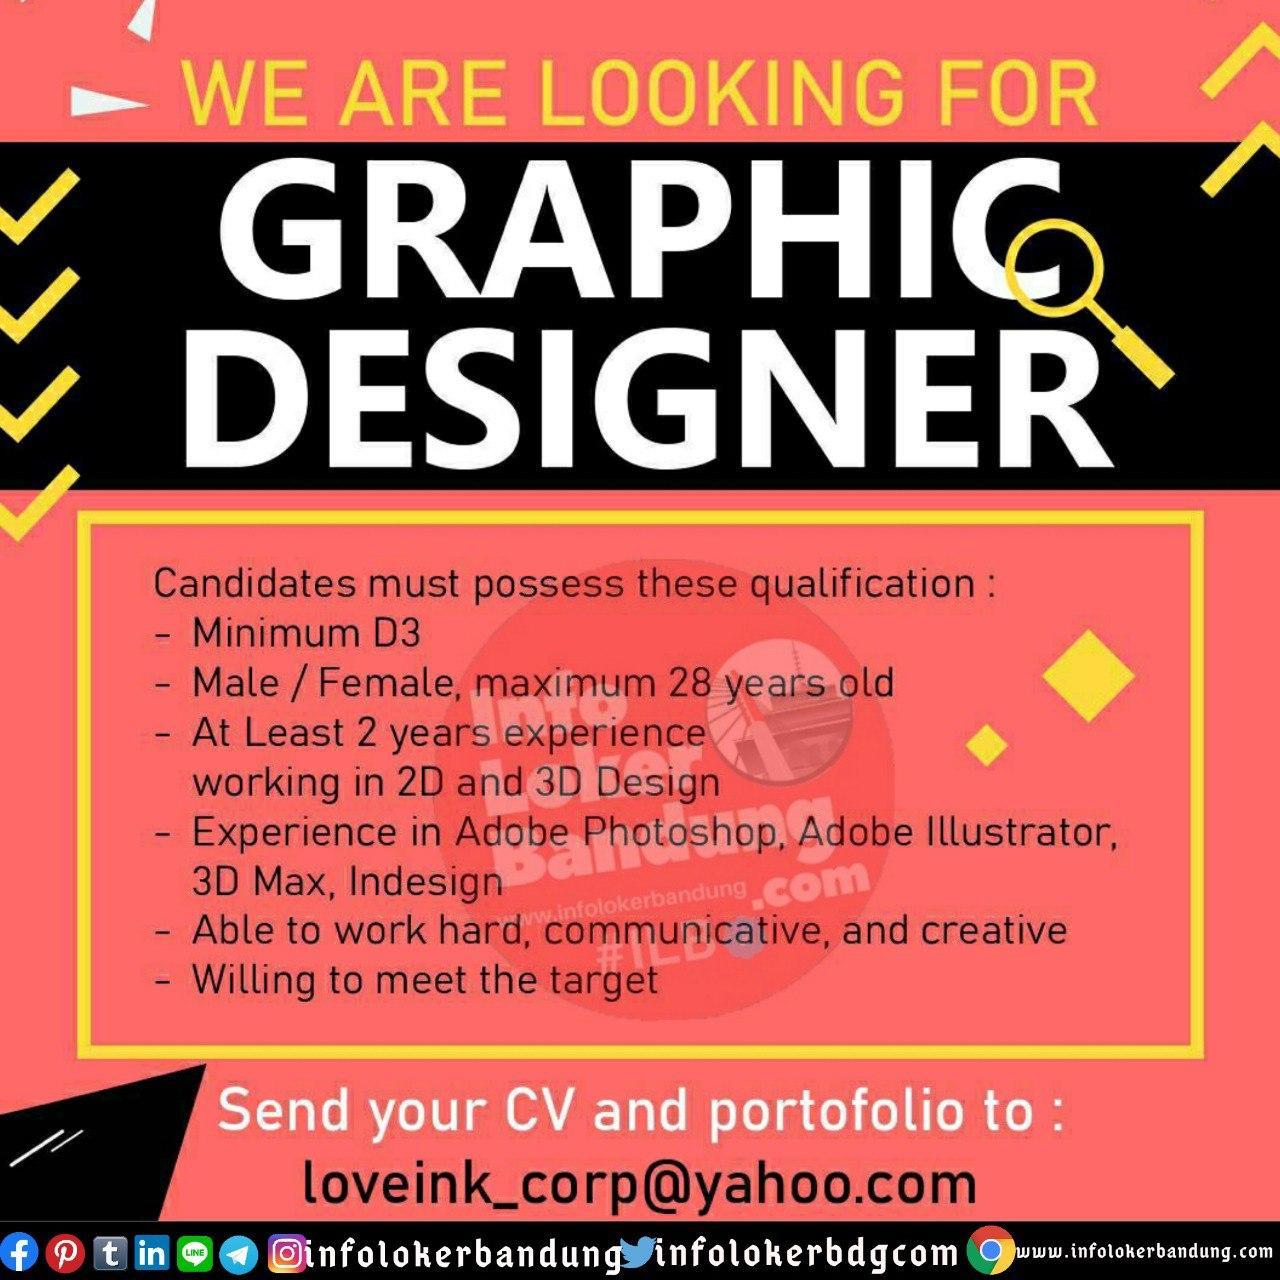 Lowongan Kerja Graphic Designer Lovink Corp Bandung Juli 2020